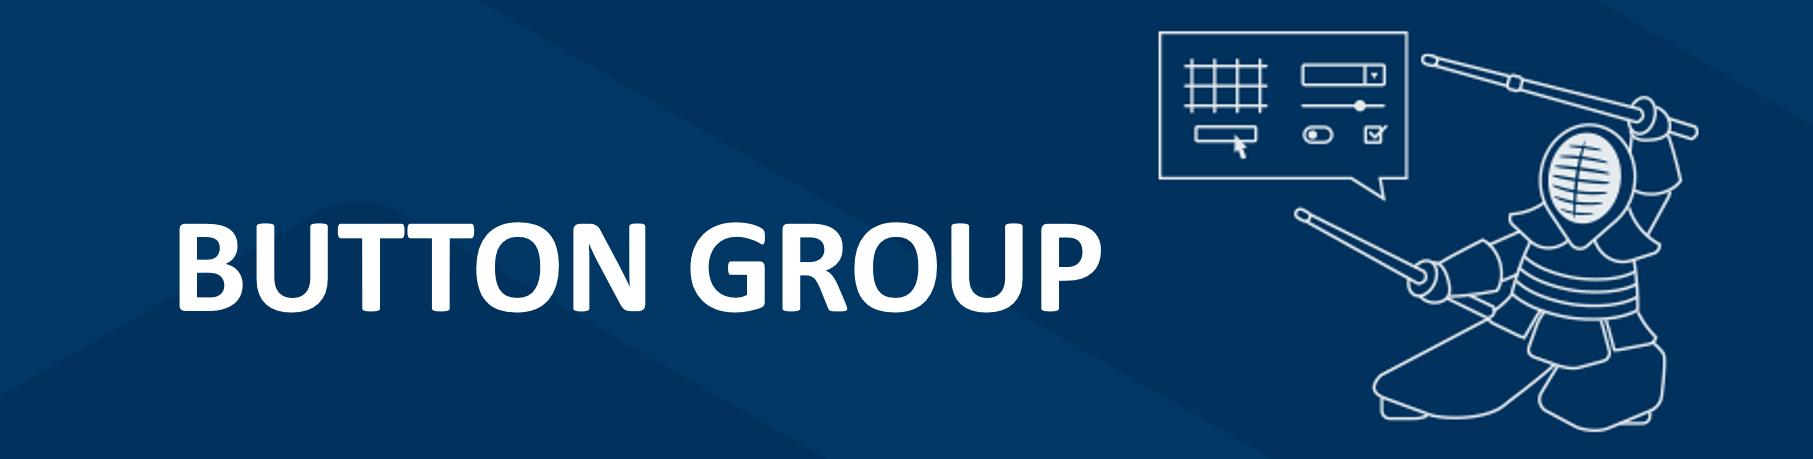 Kendo UI Button Group